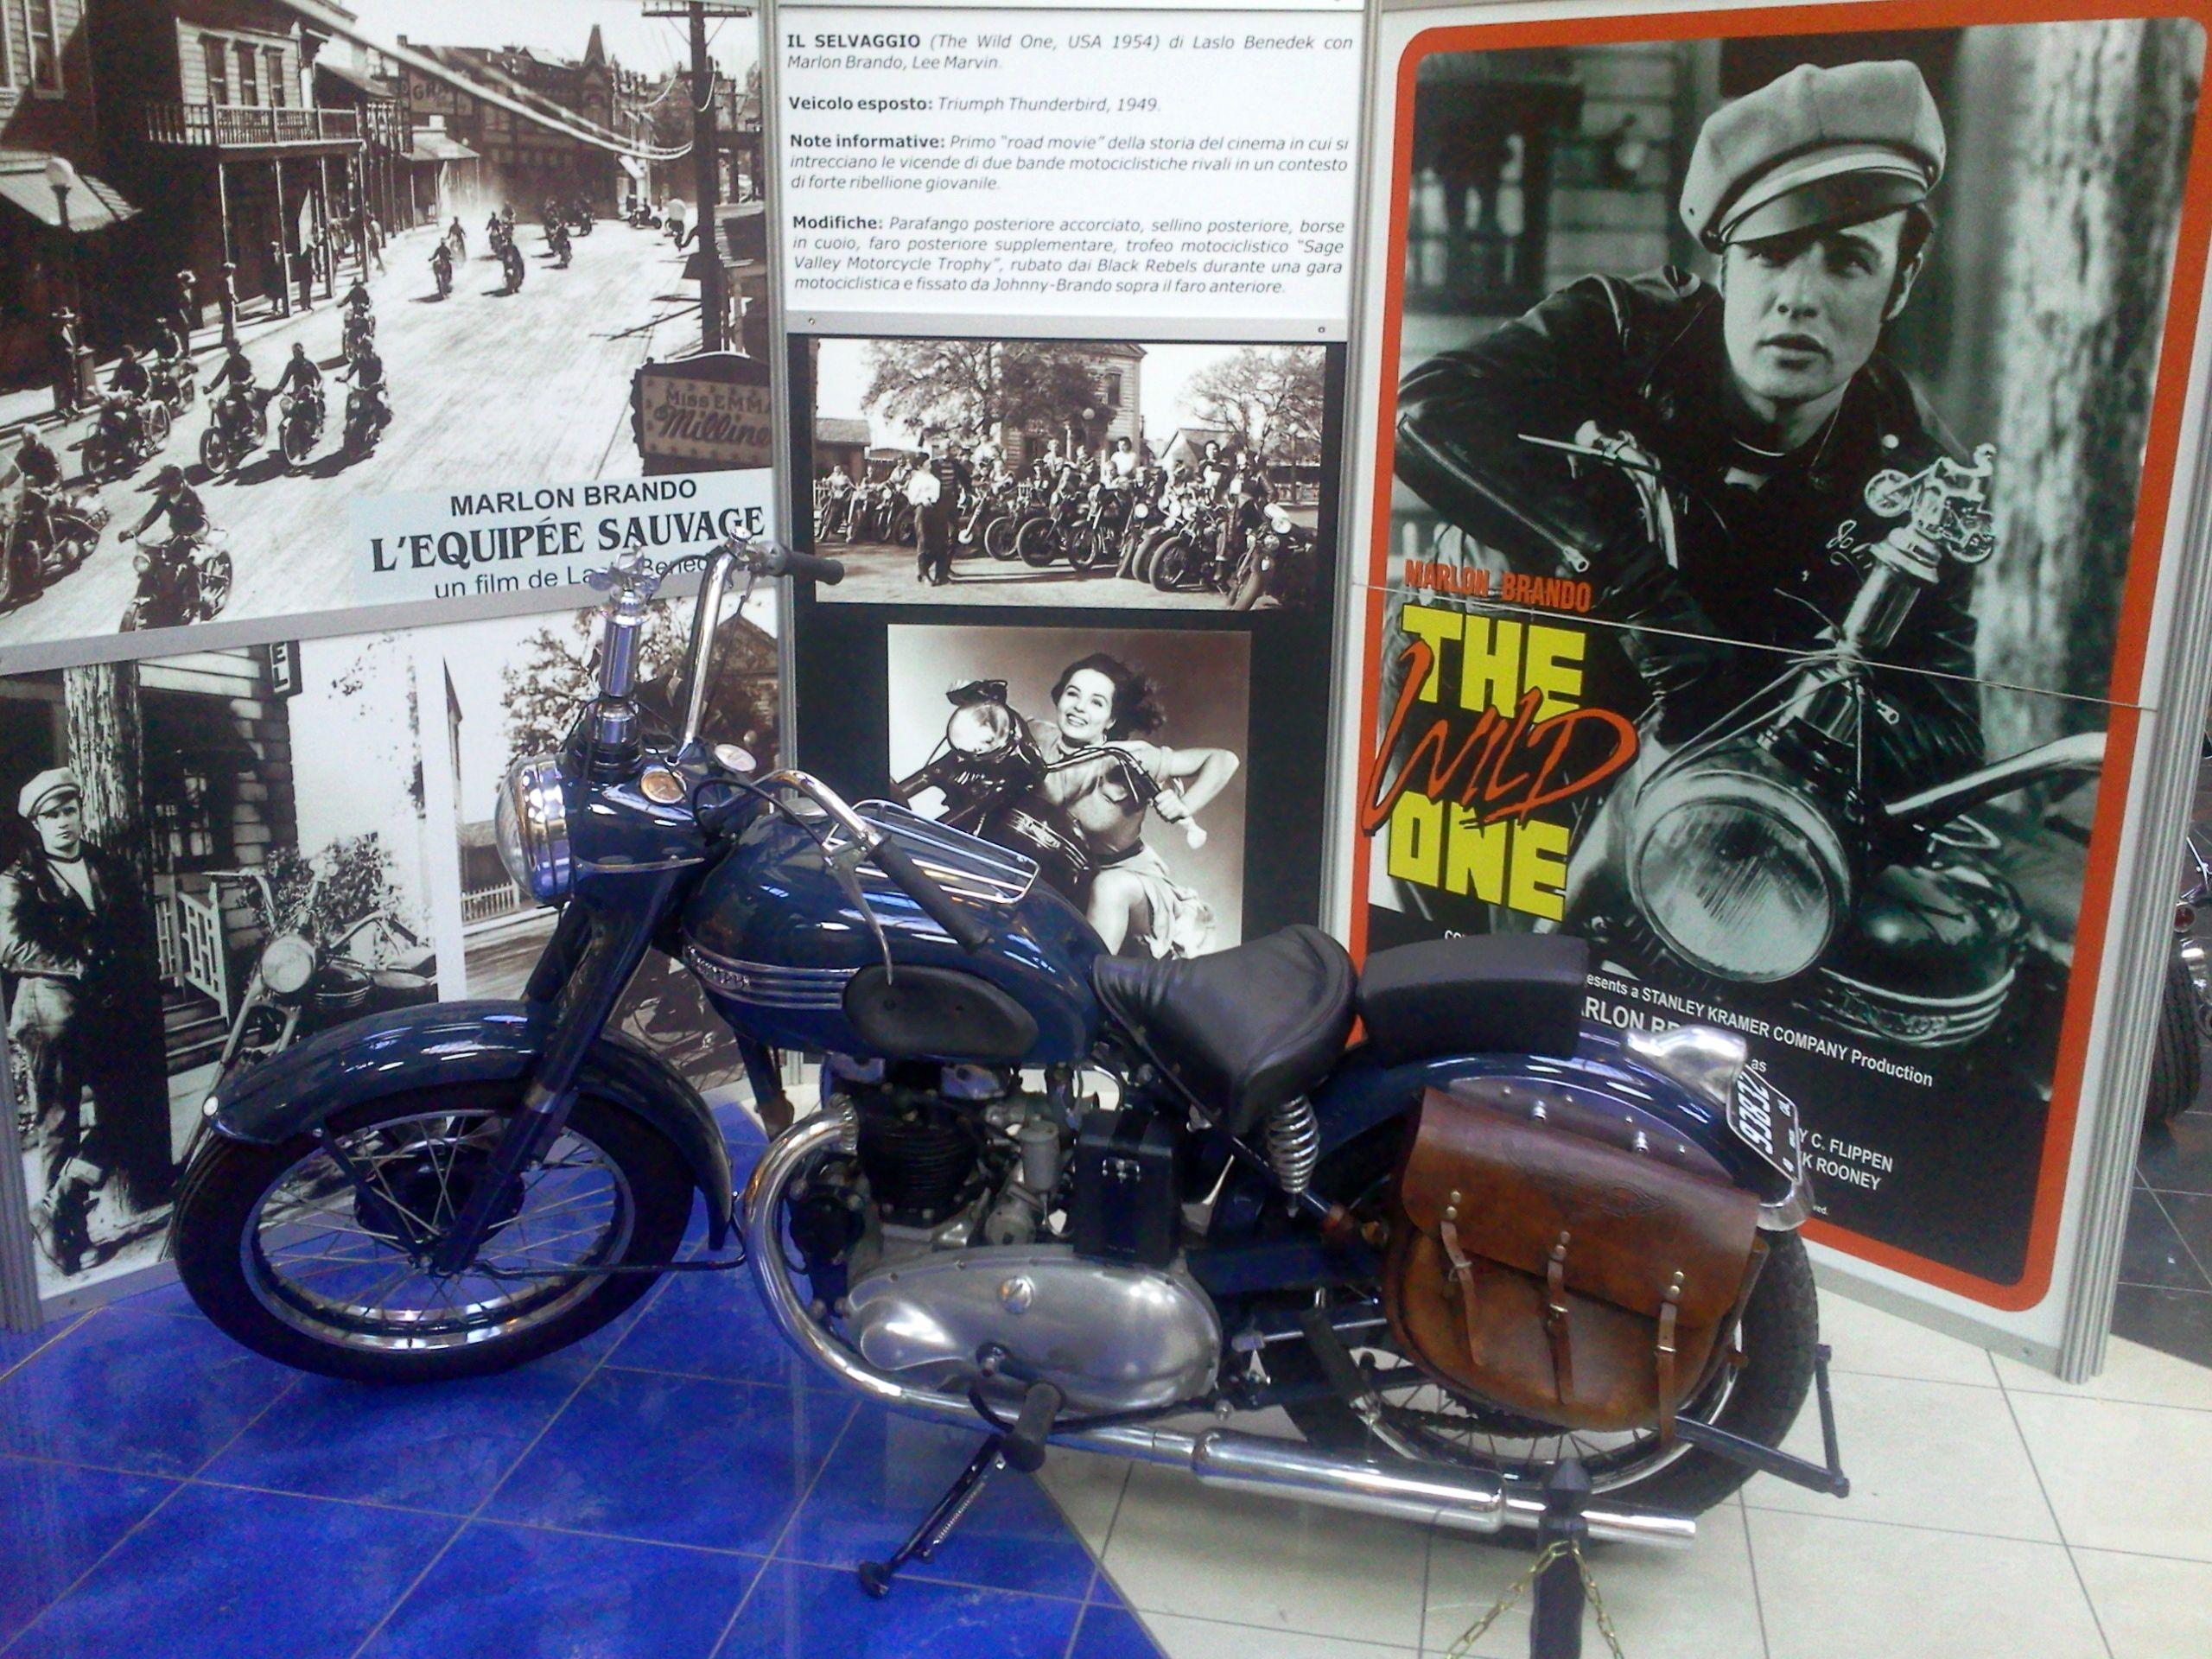 Moto Triumph Thunderbird de la película The Wild One